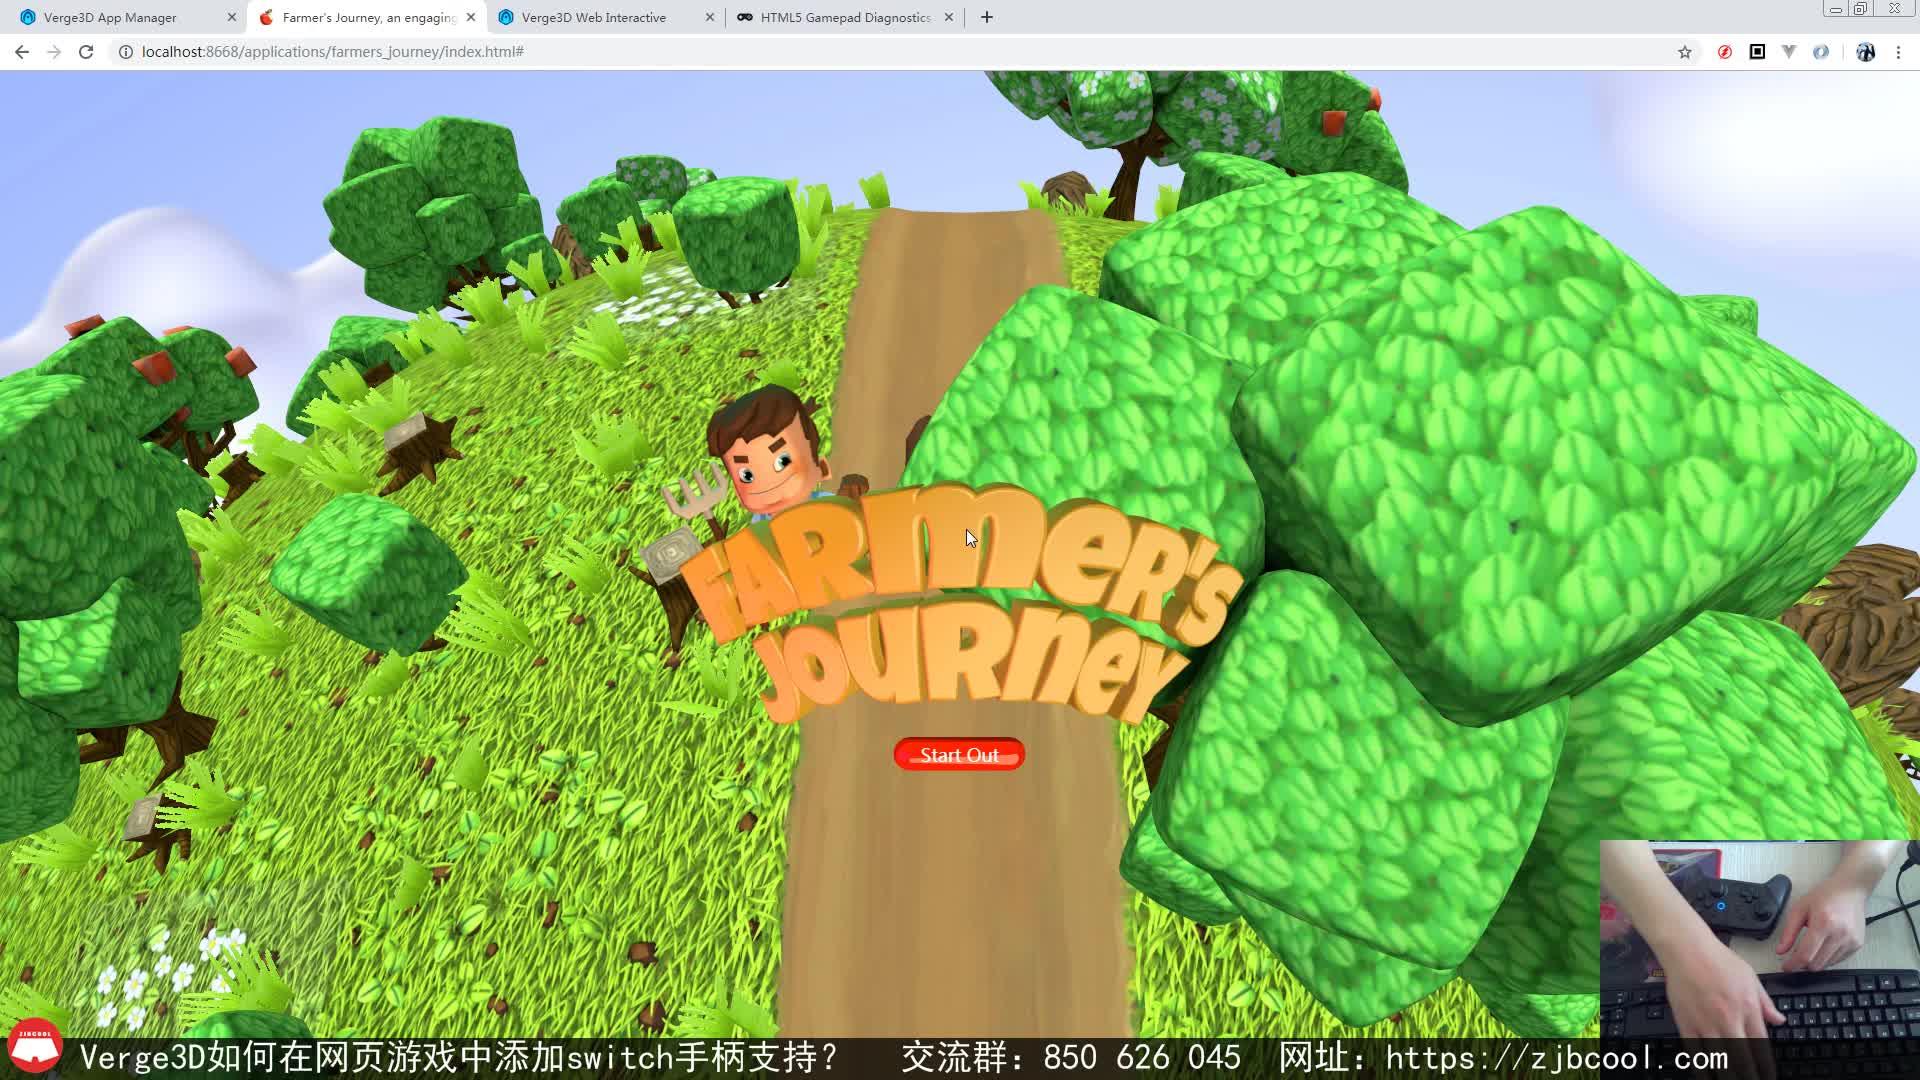 Verge3D如何在3D网页游戏中添加switch手柄支持?